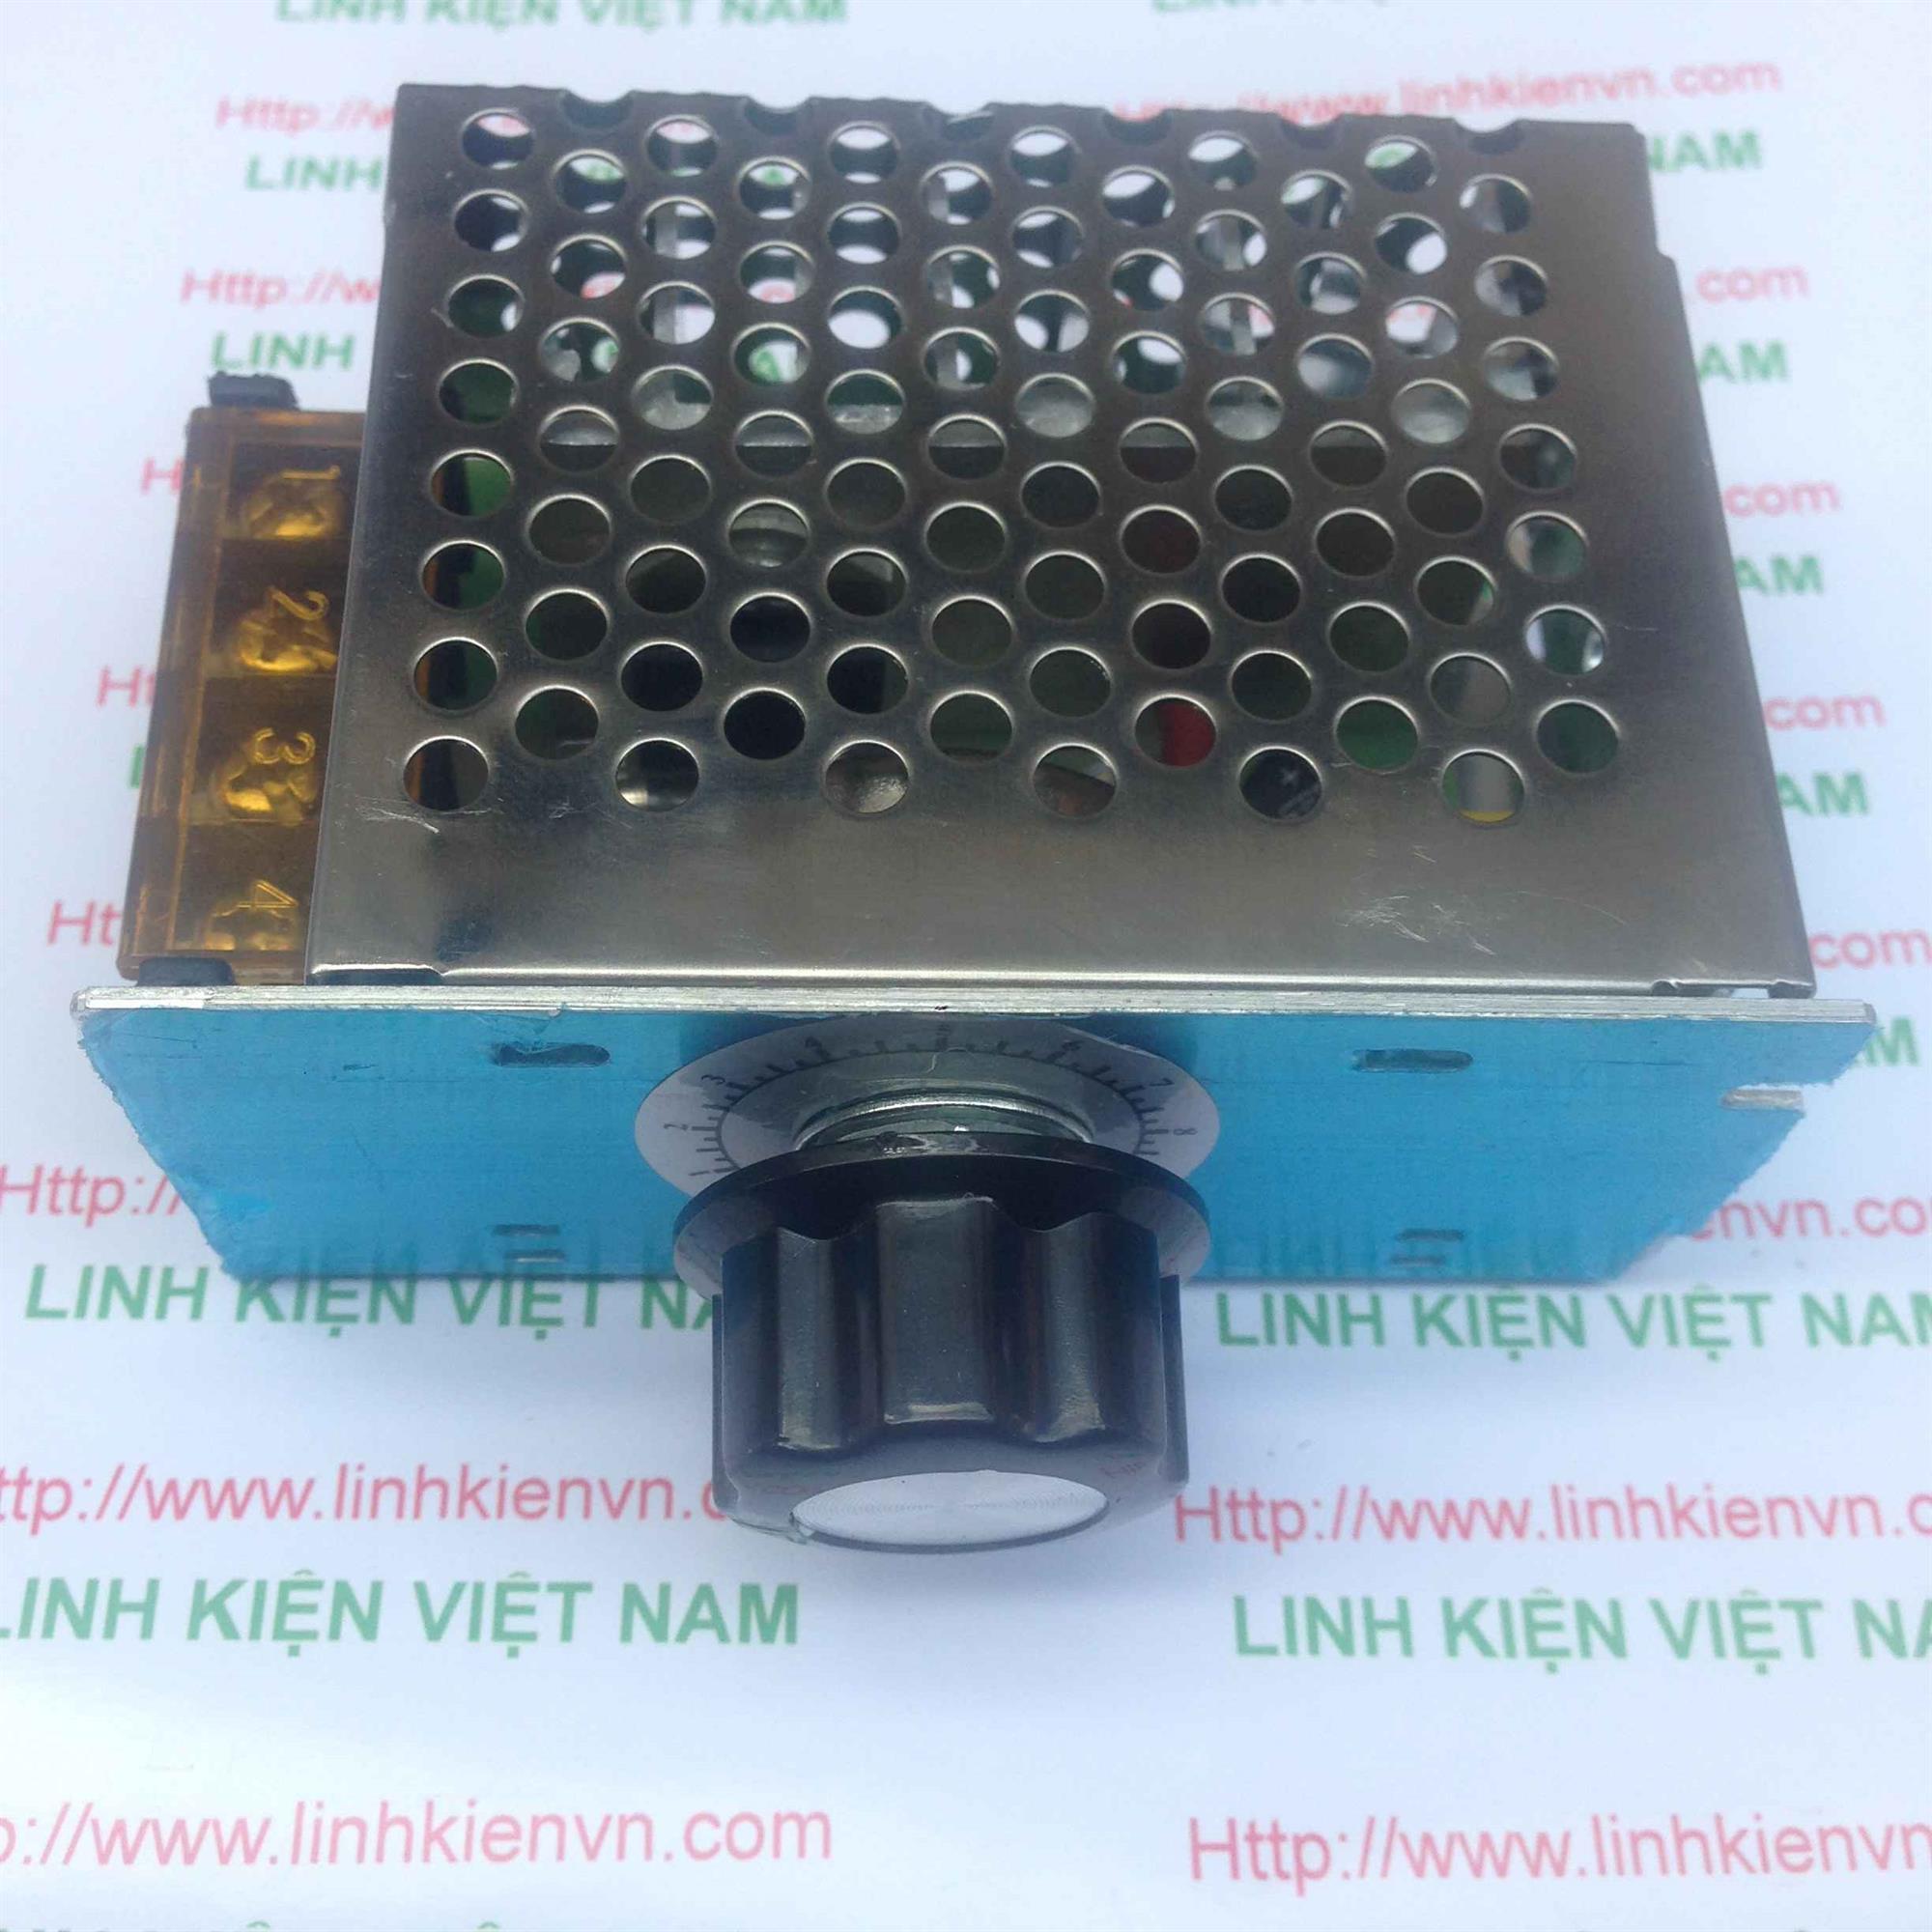 Mạch điều khiển Triac 4000W / Dimmer 4000W AC220V - G1H7 (KA1H1)